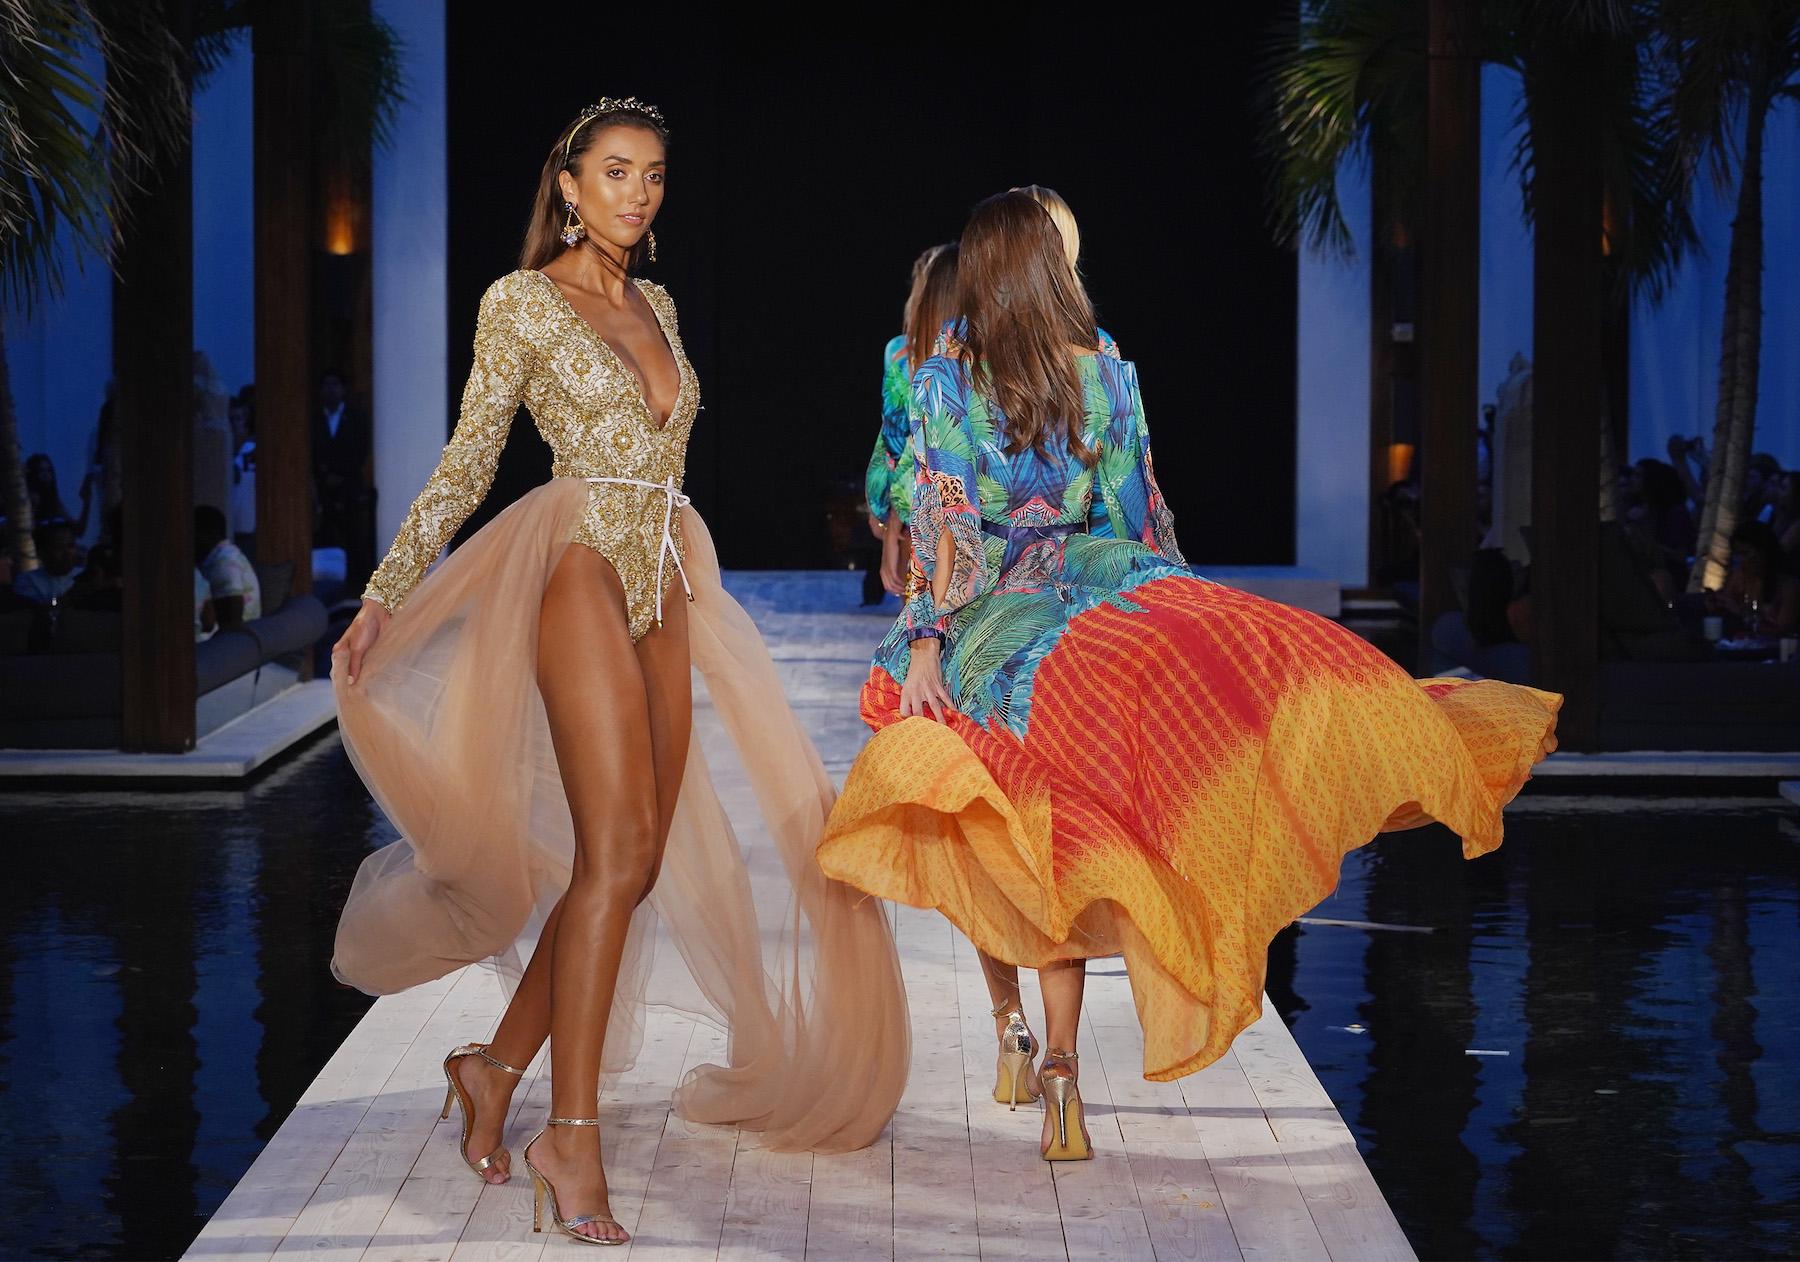 69d208097f Fashion Palette Miami Australian Swim Show for Spring-Summer 2019 –  MalenDyer Picks